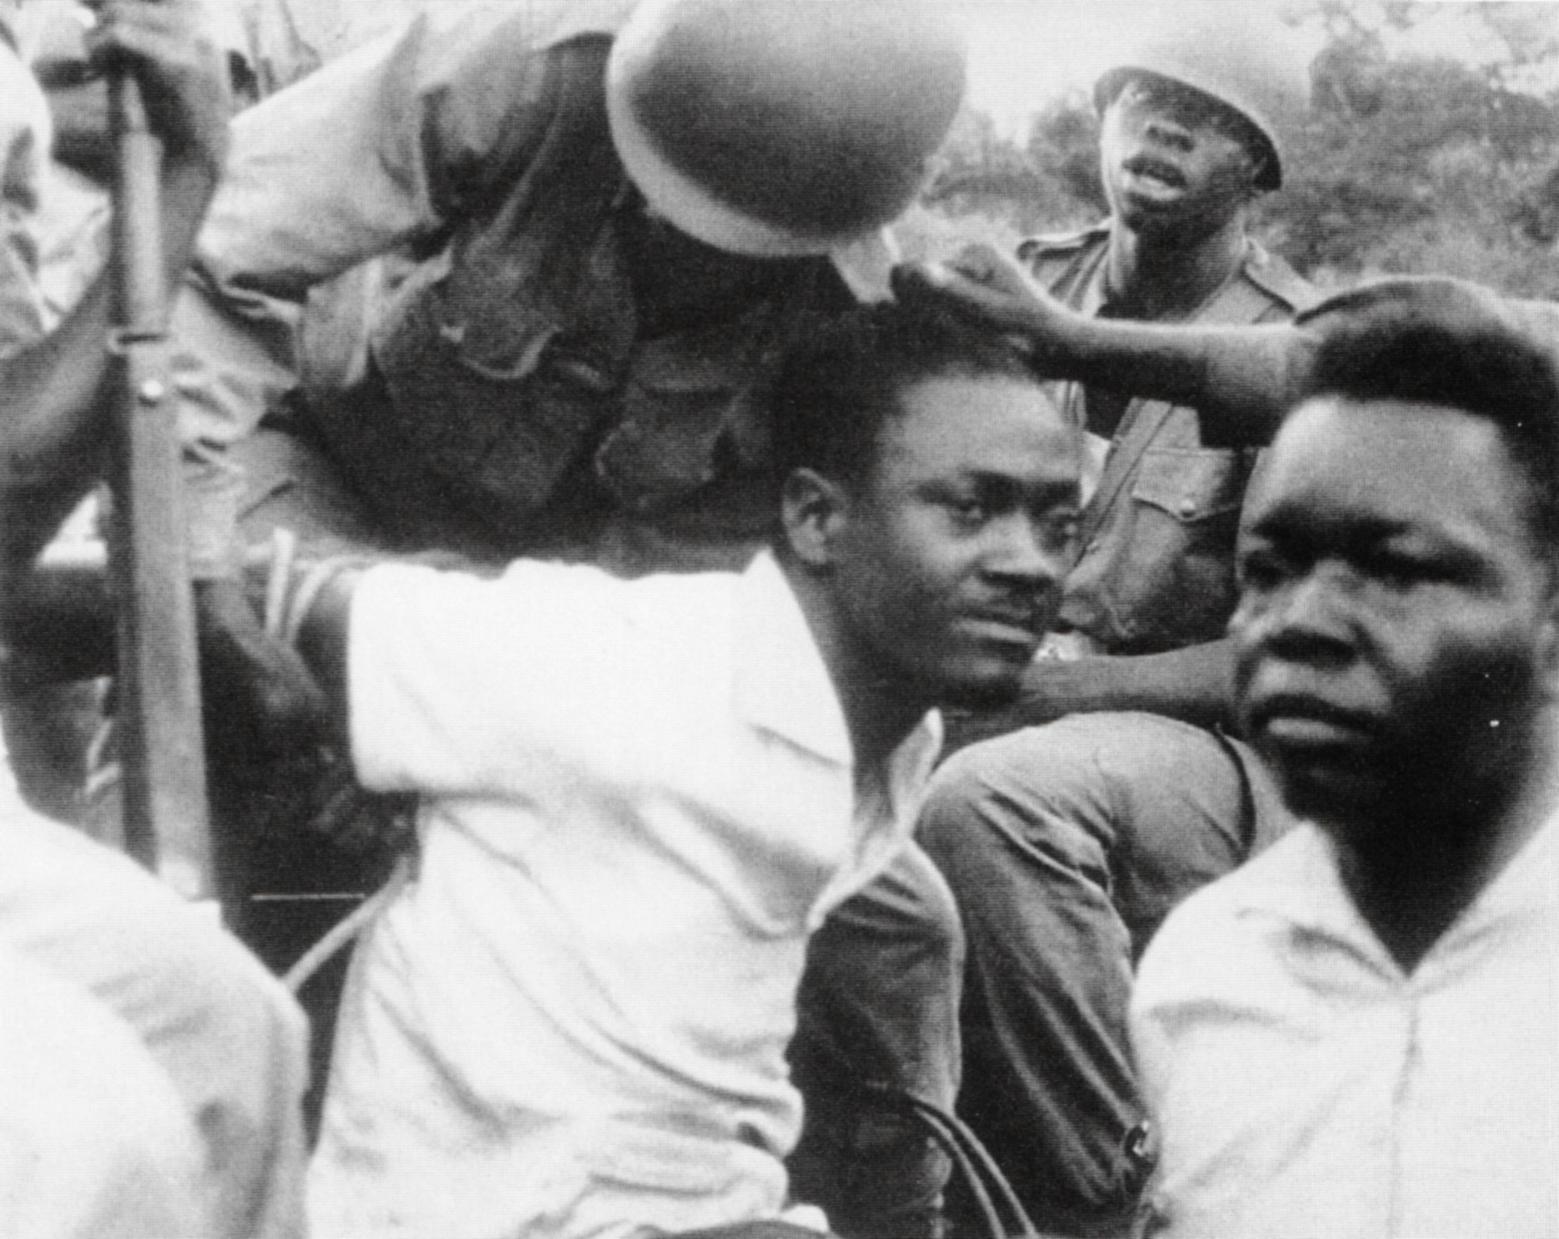 Американский империализм. История геополитического рейдерства. Часть 7. Конго. Убийство Лумумбы.